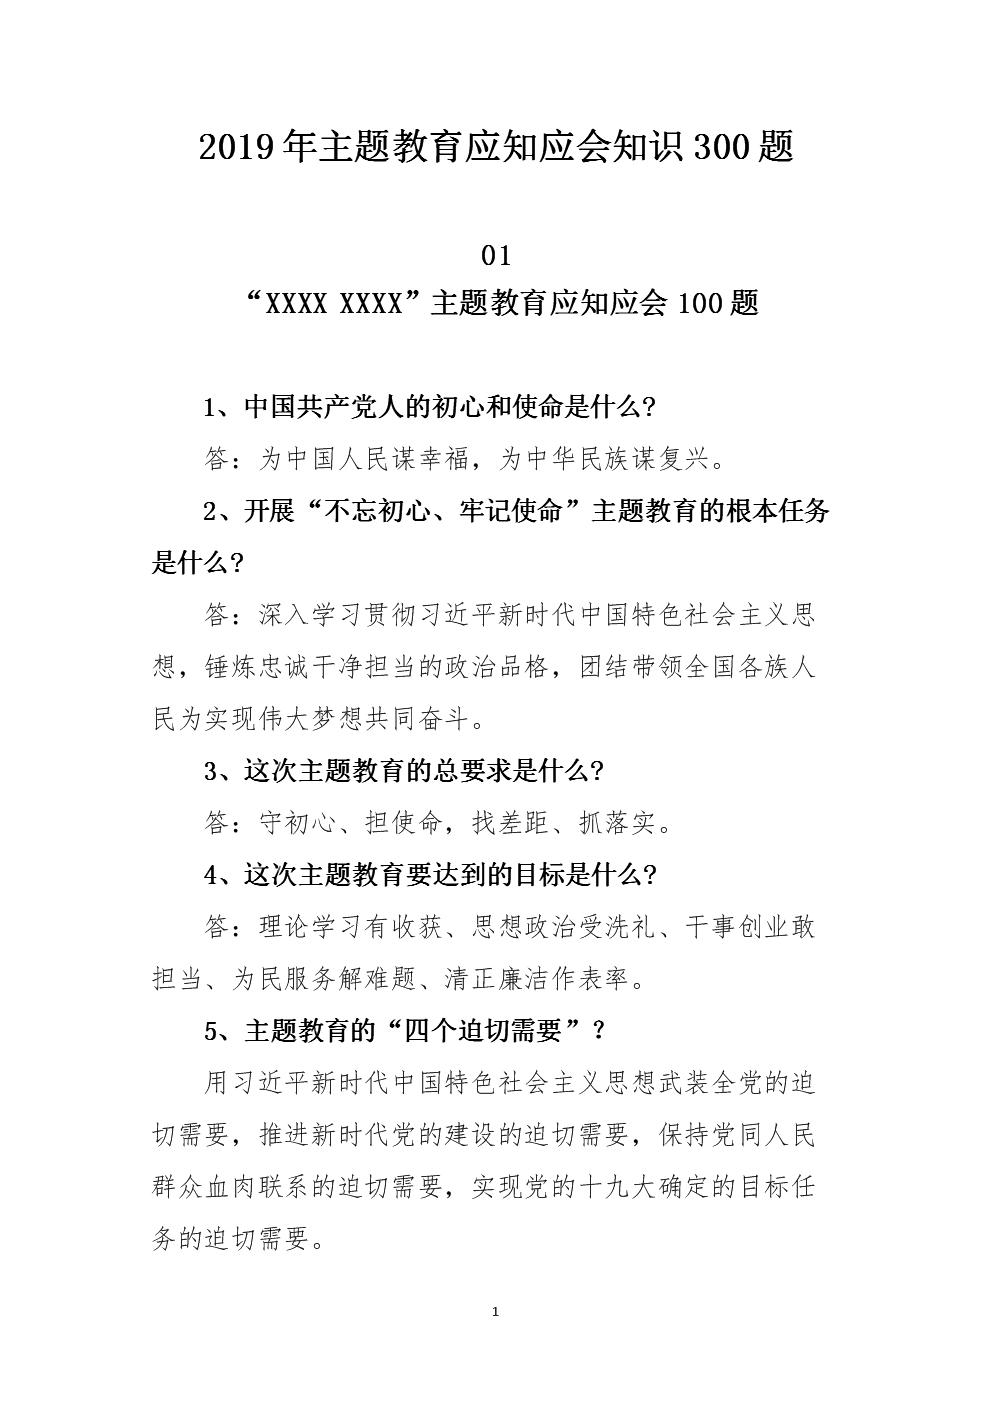 2019年主题教育应知应会知识300题.doc